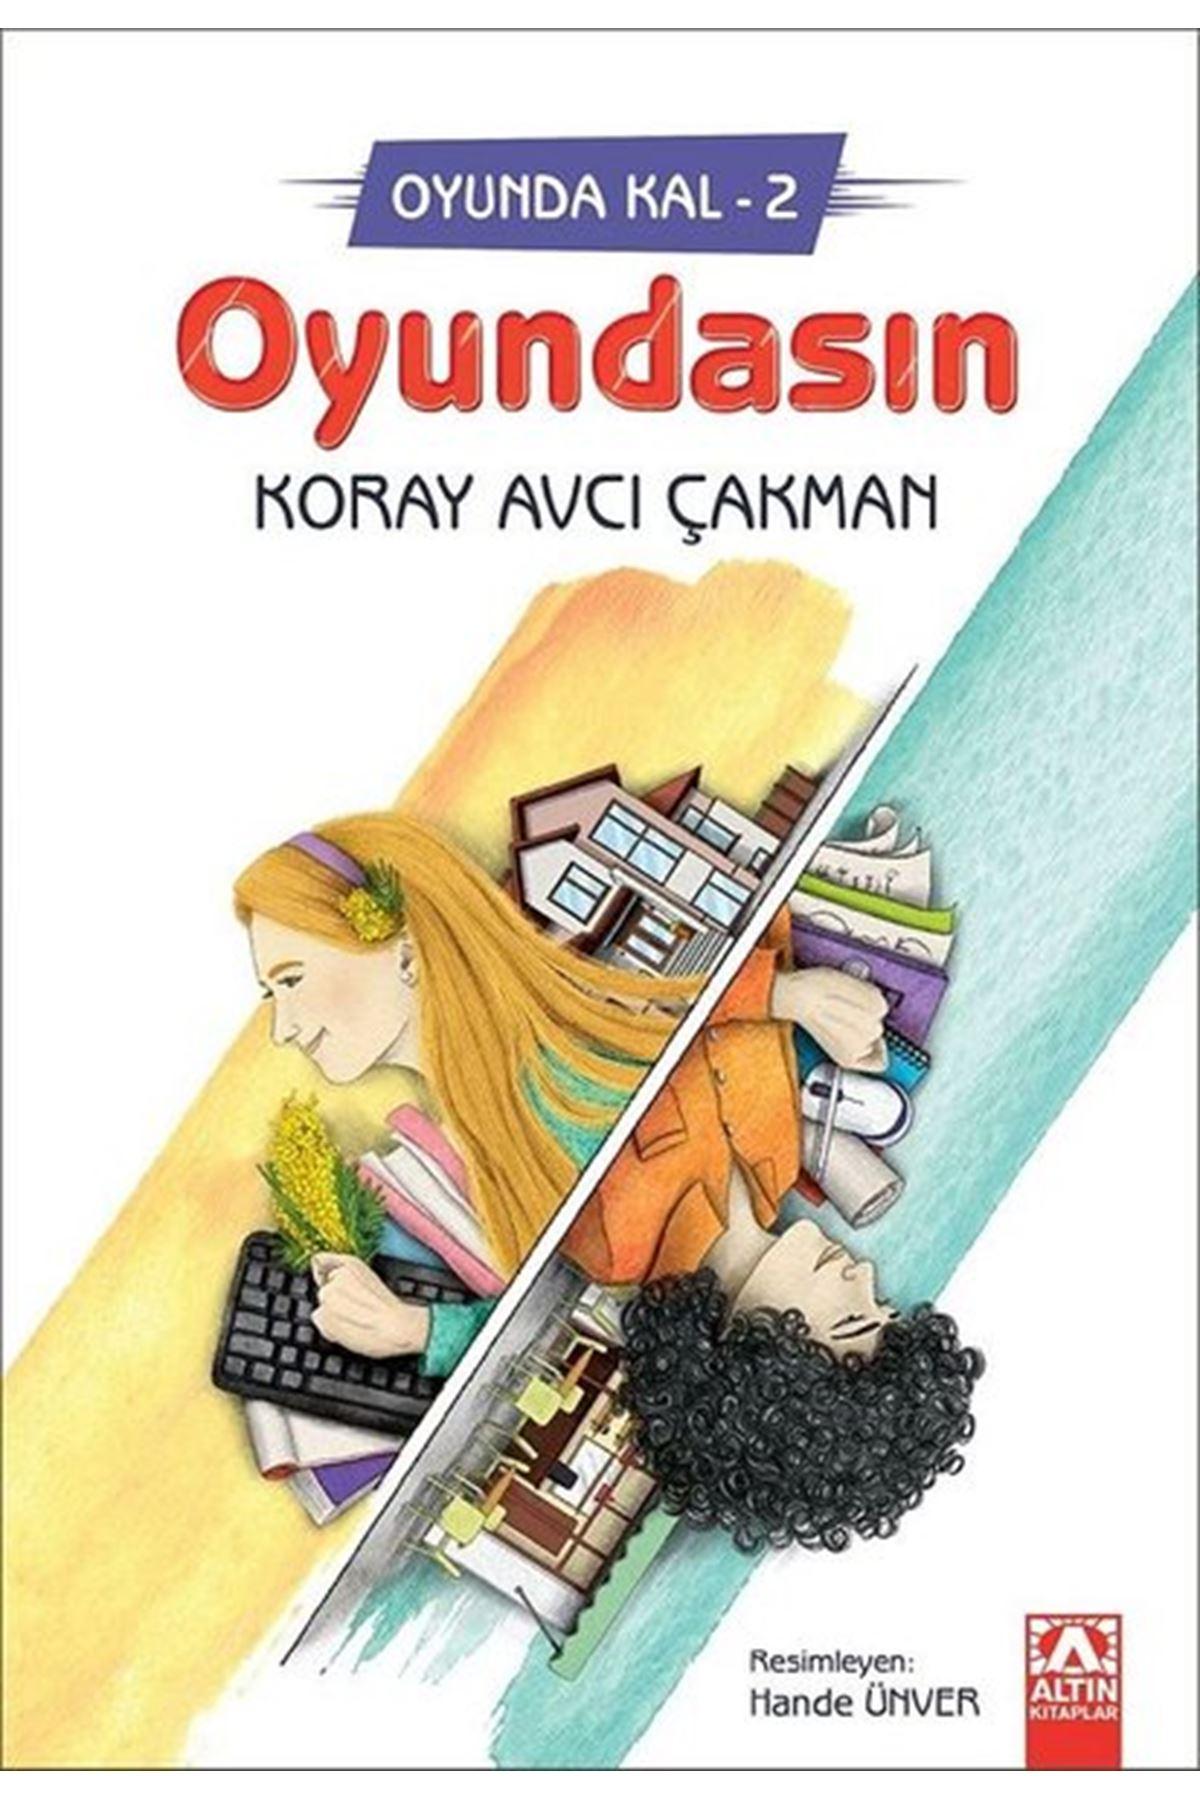 KORAY AVCI ÇAKMAN - OYUNDASIN - OYUNDA KAL 2